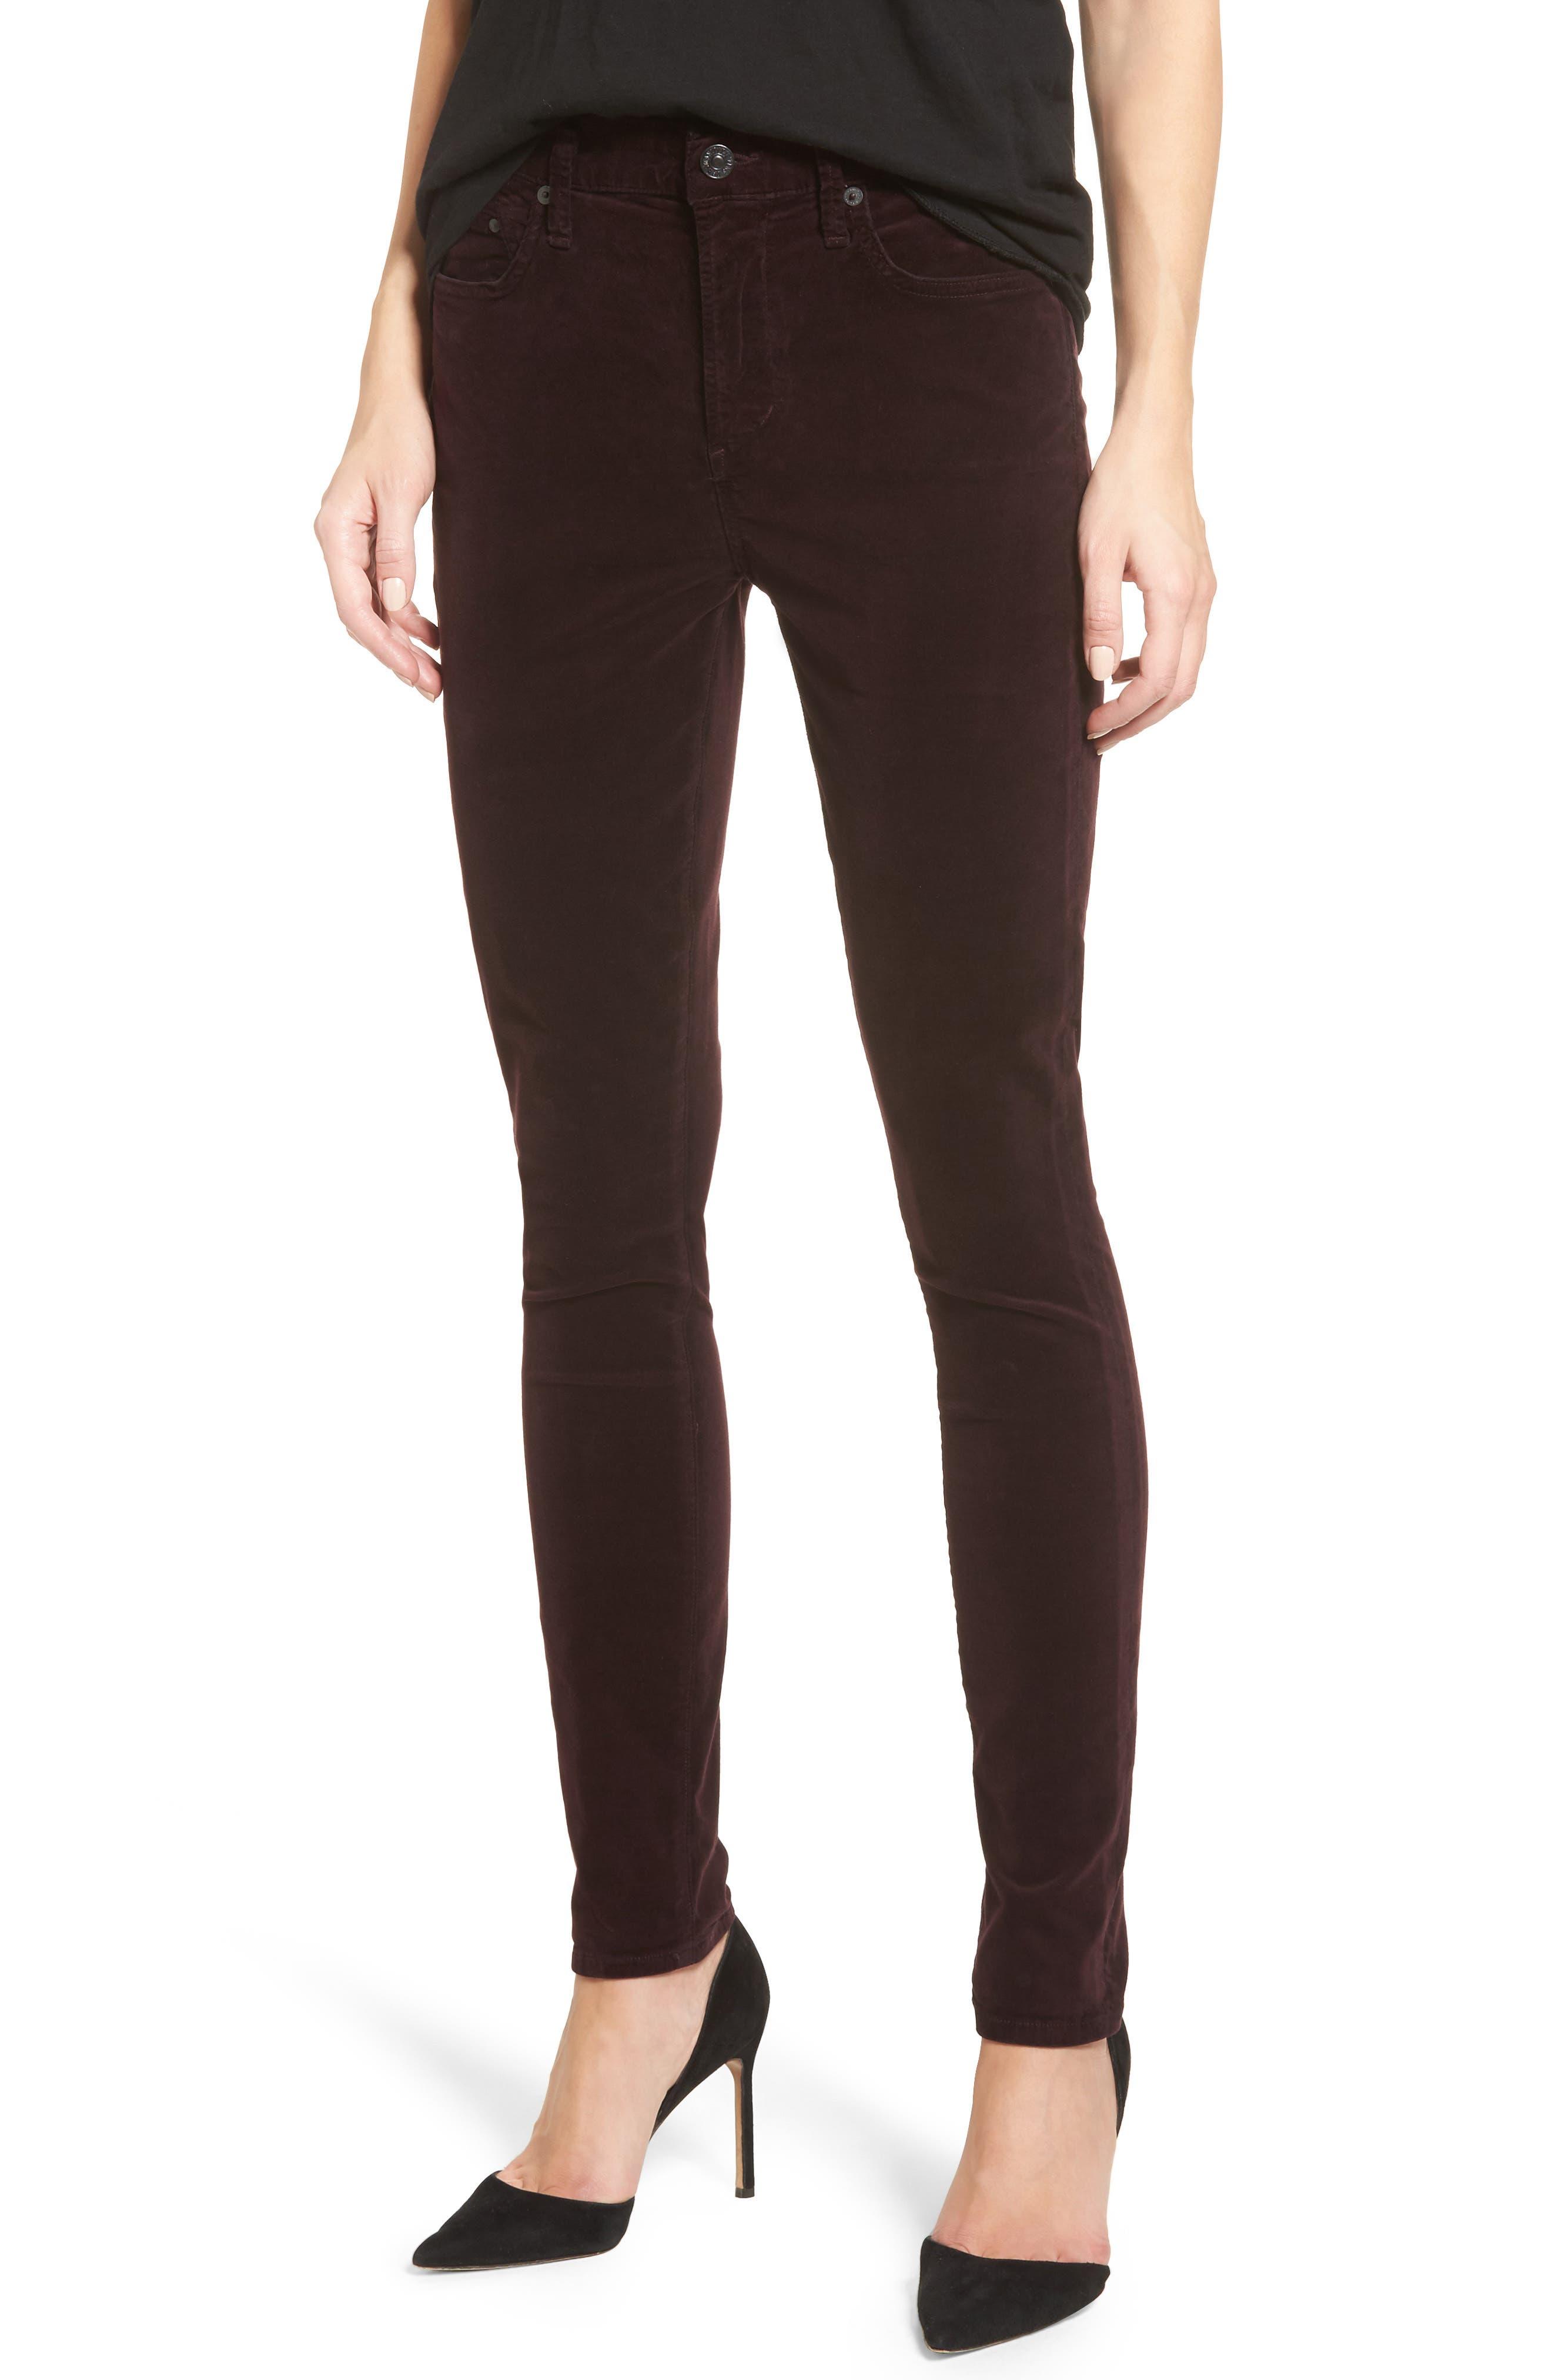 Rocket High Waist Velveteen Skinny Pants,                             Main thumbnail 1, color,                             Black Currant Velvet